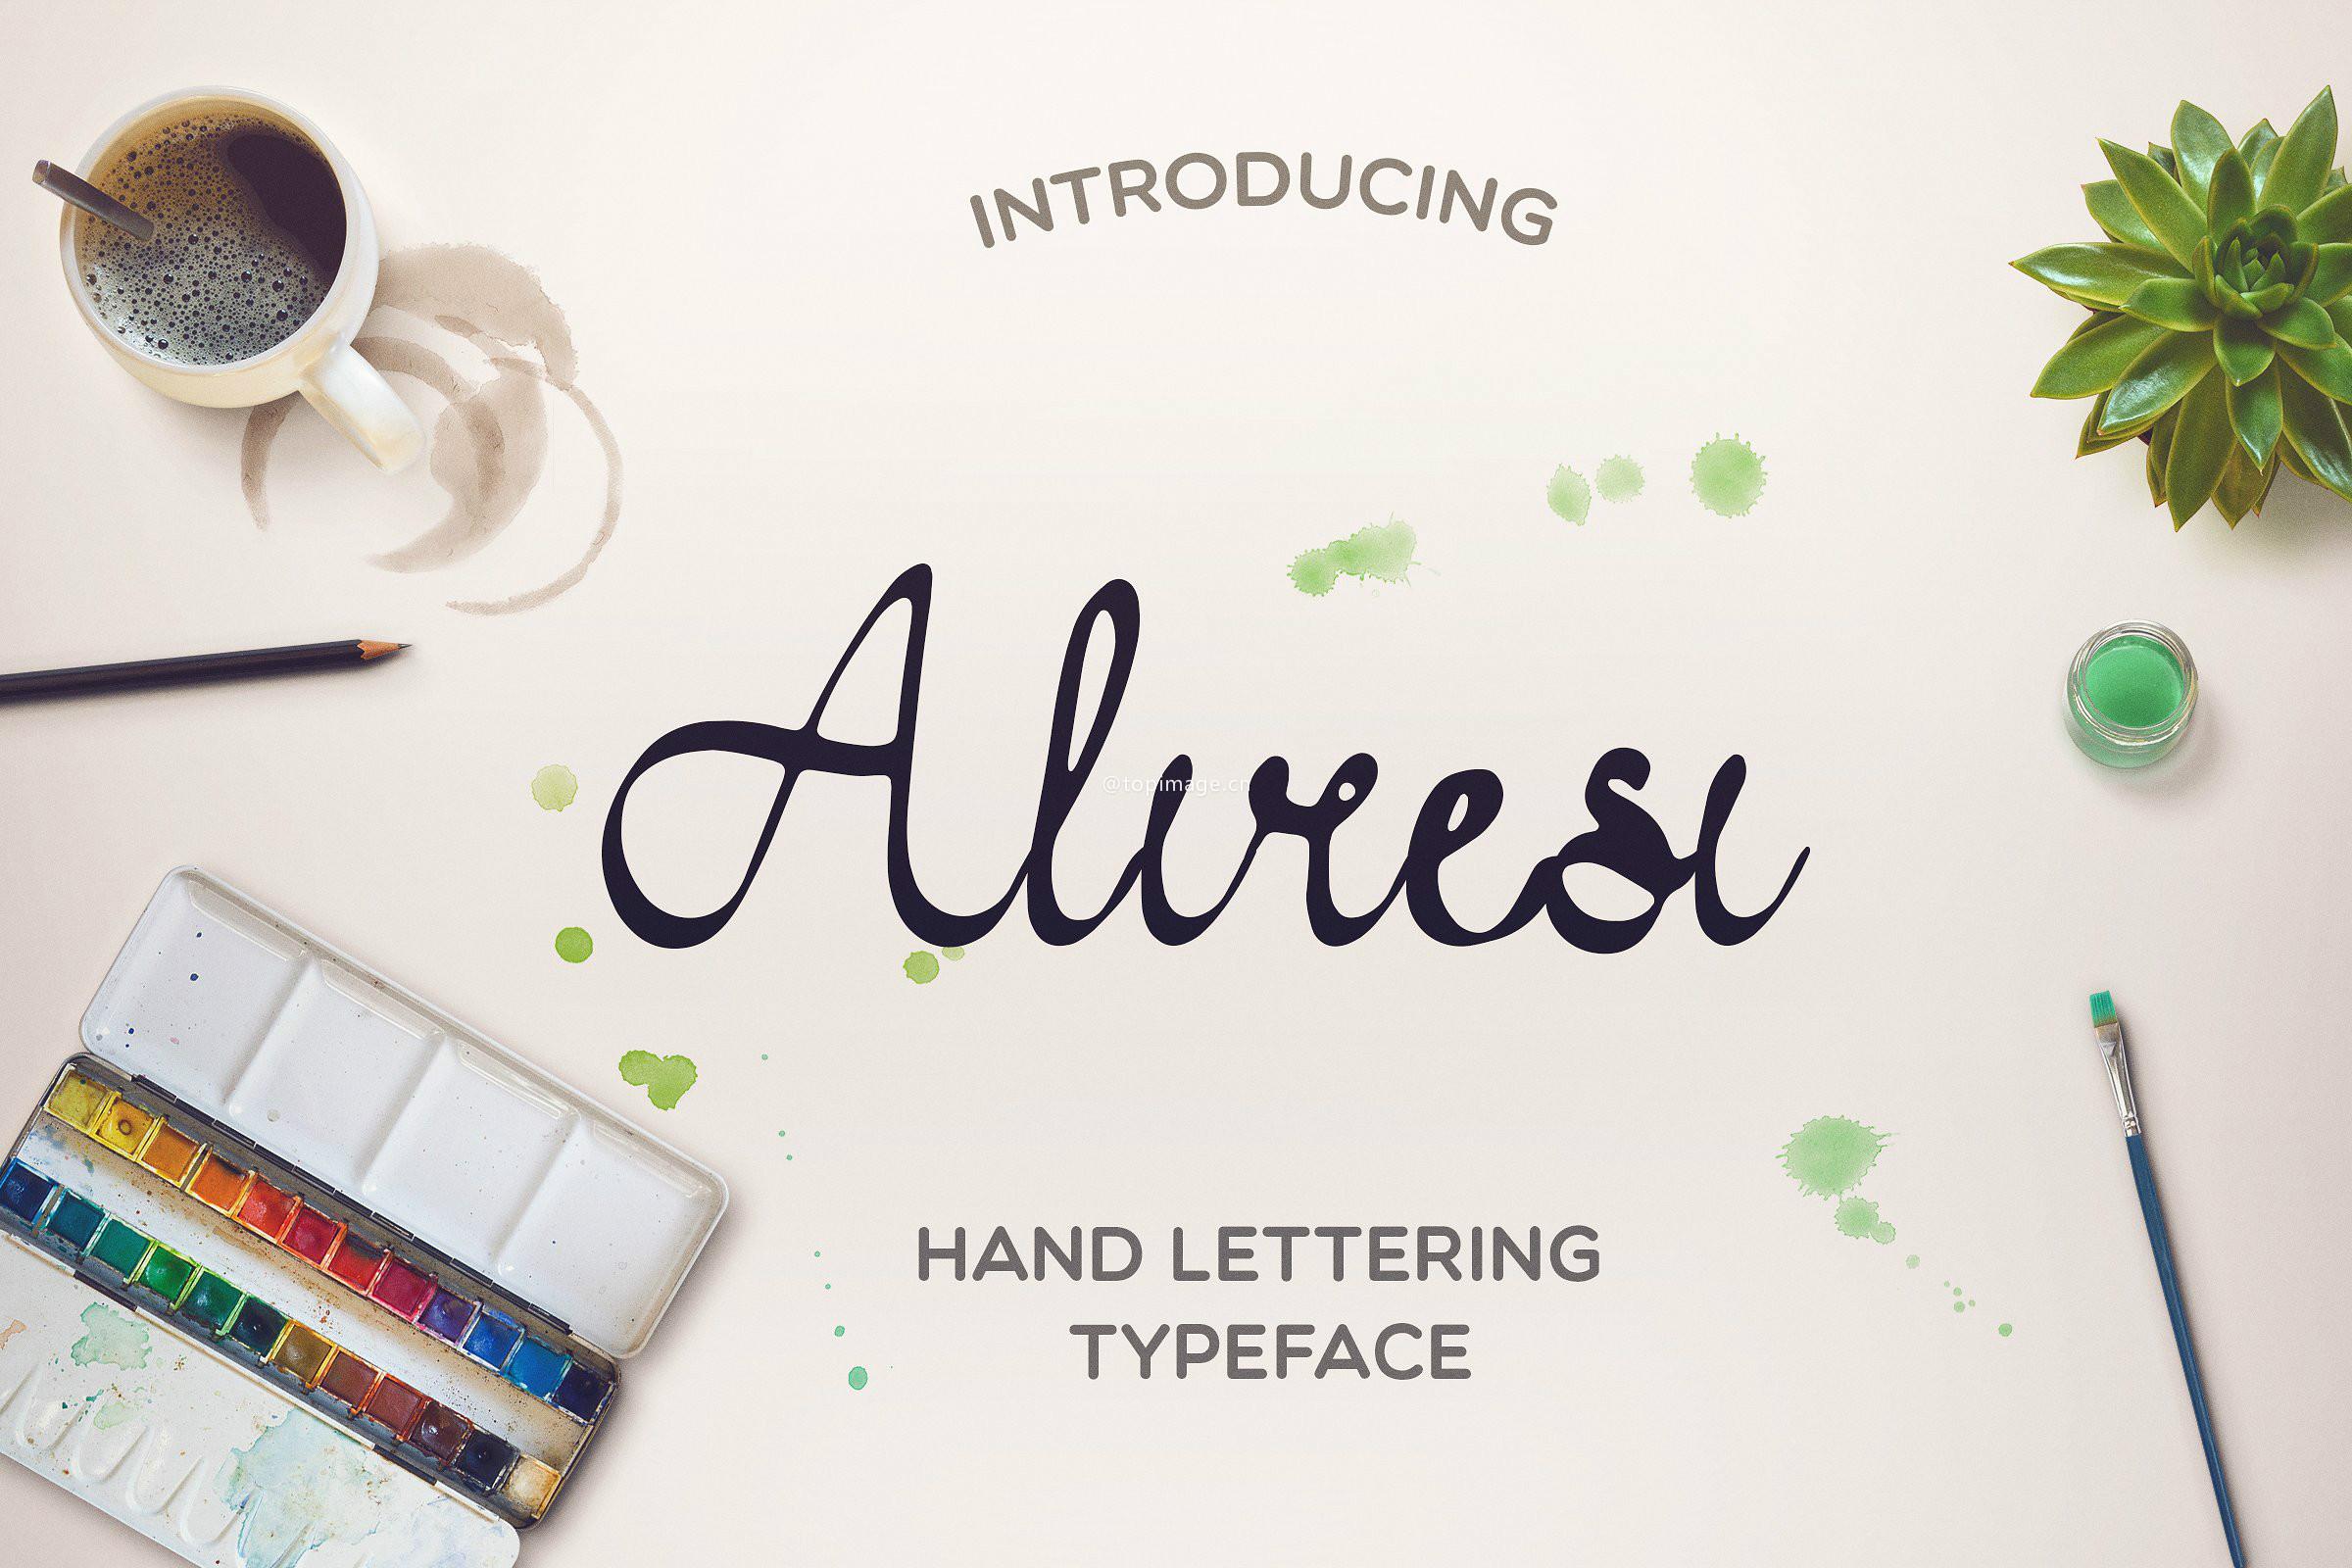 Aliresi创意手写手绘海报英文字体下载